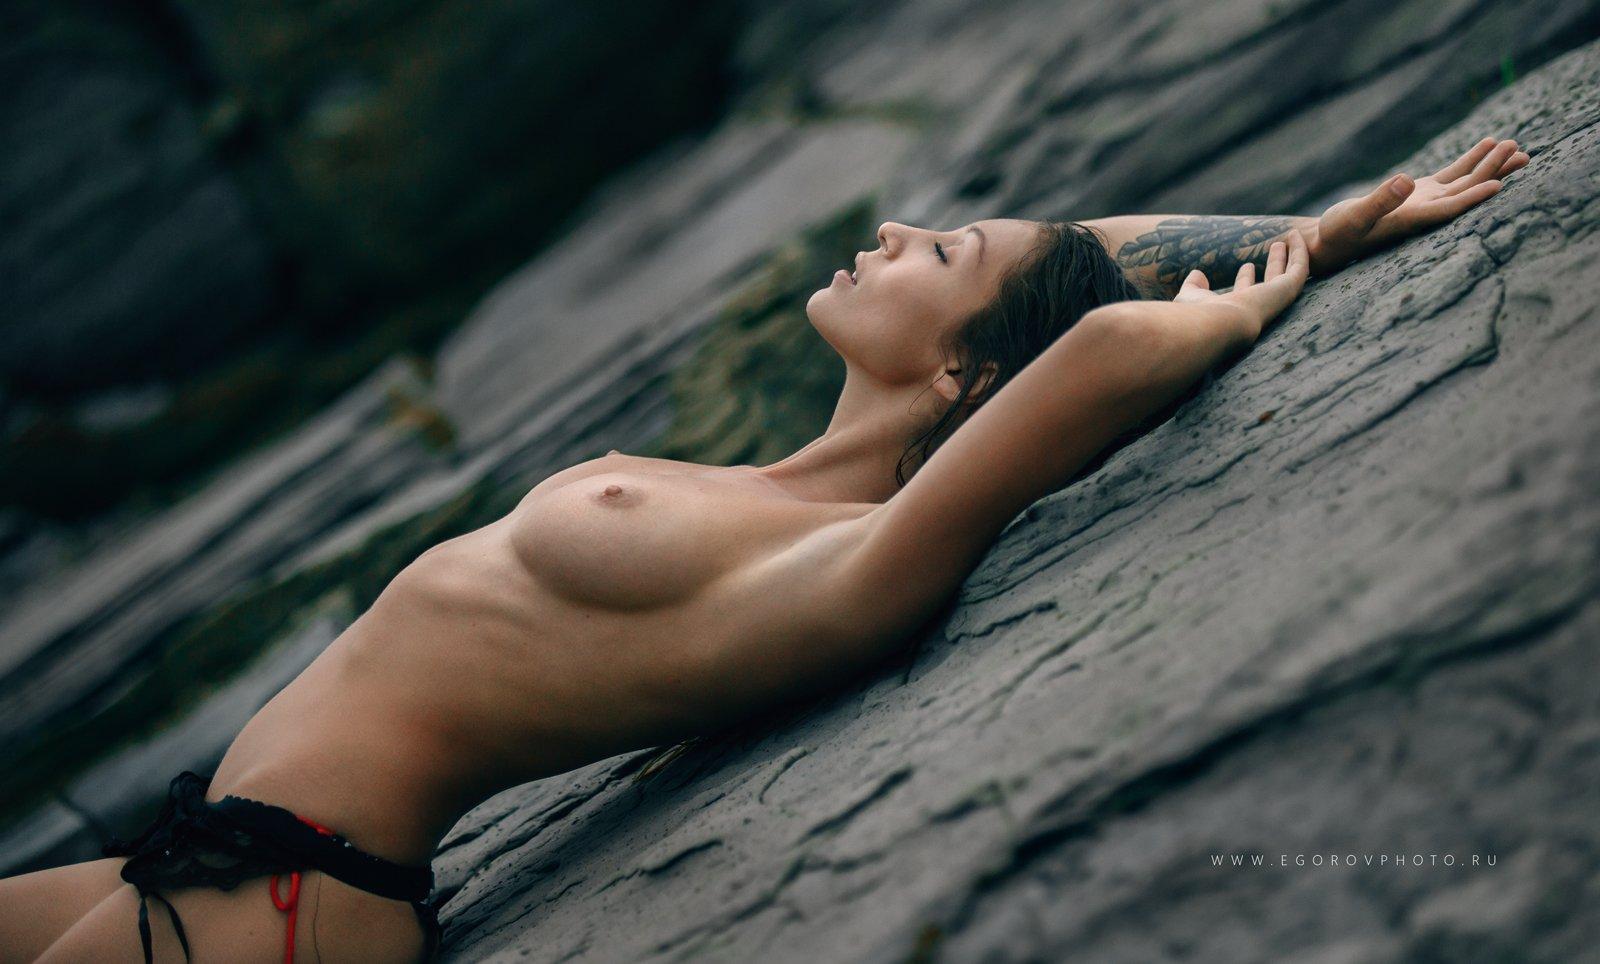 nude, Игорь Егоров